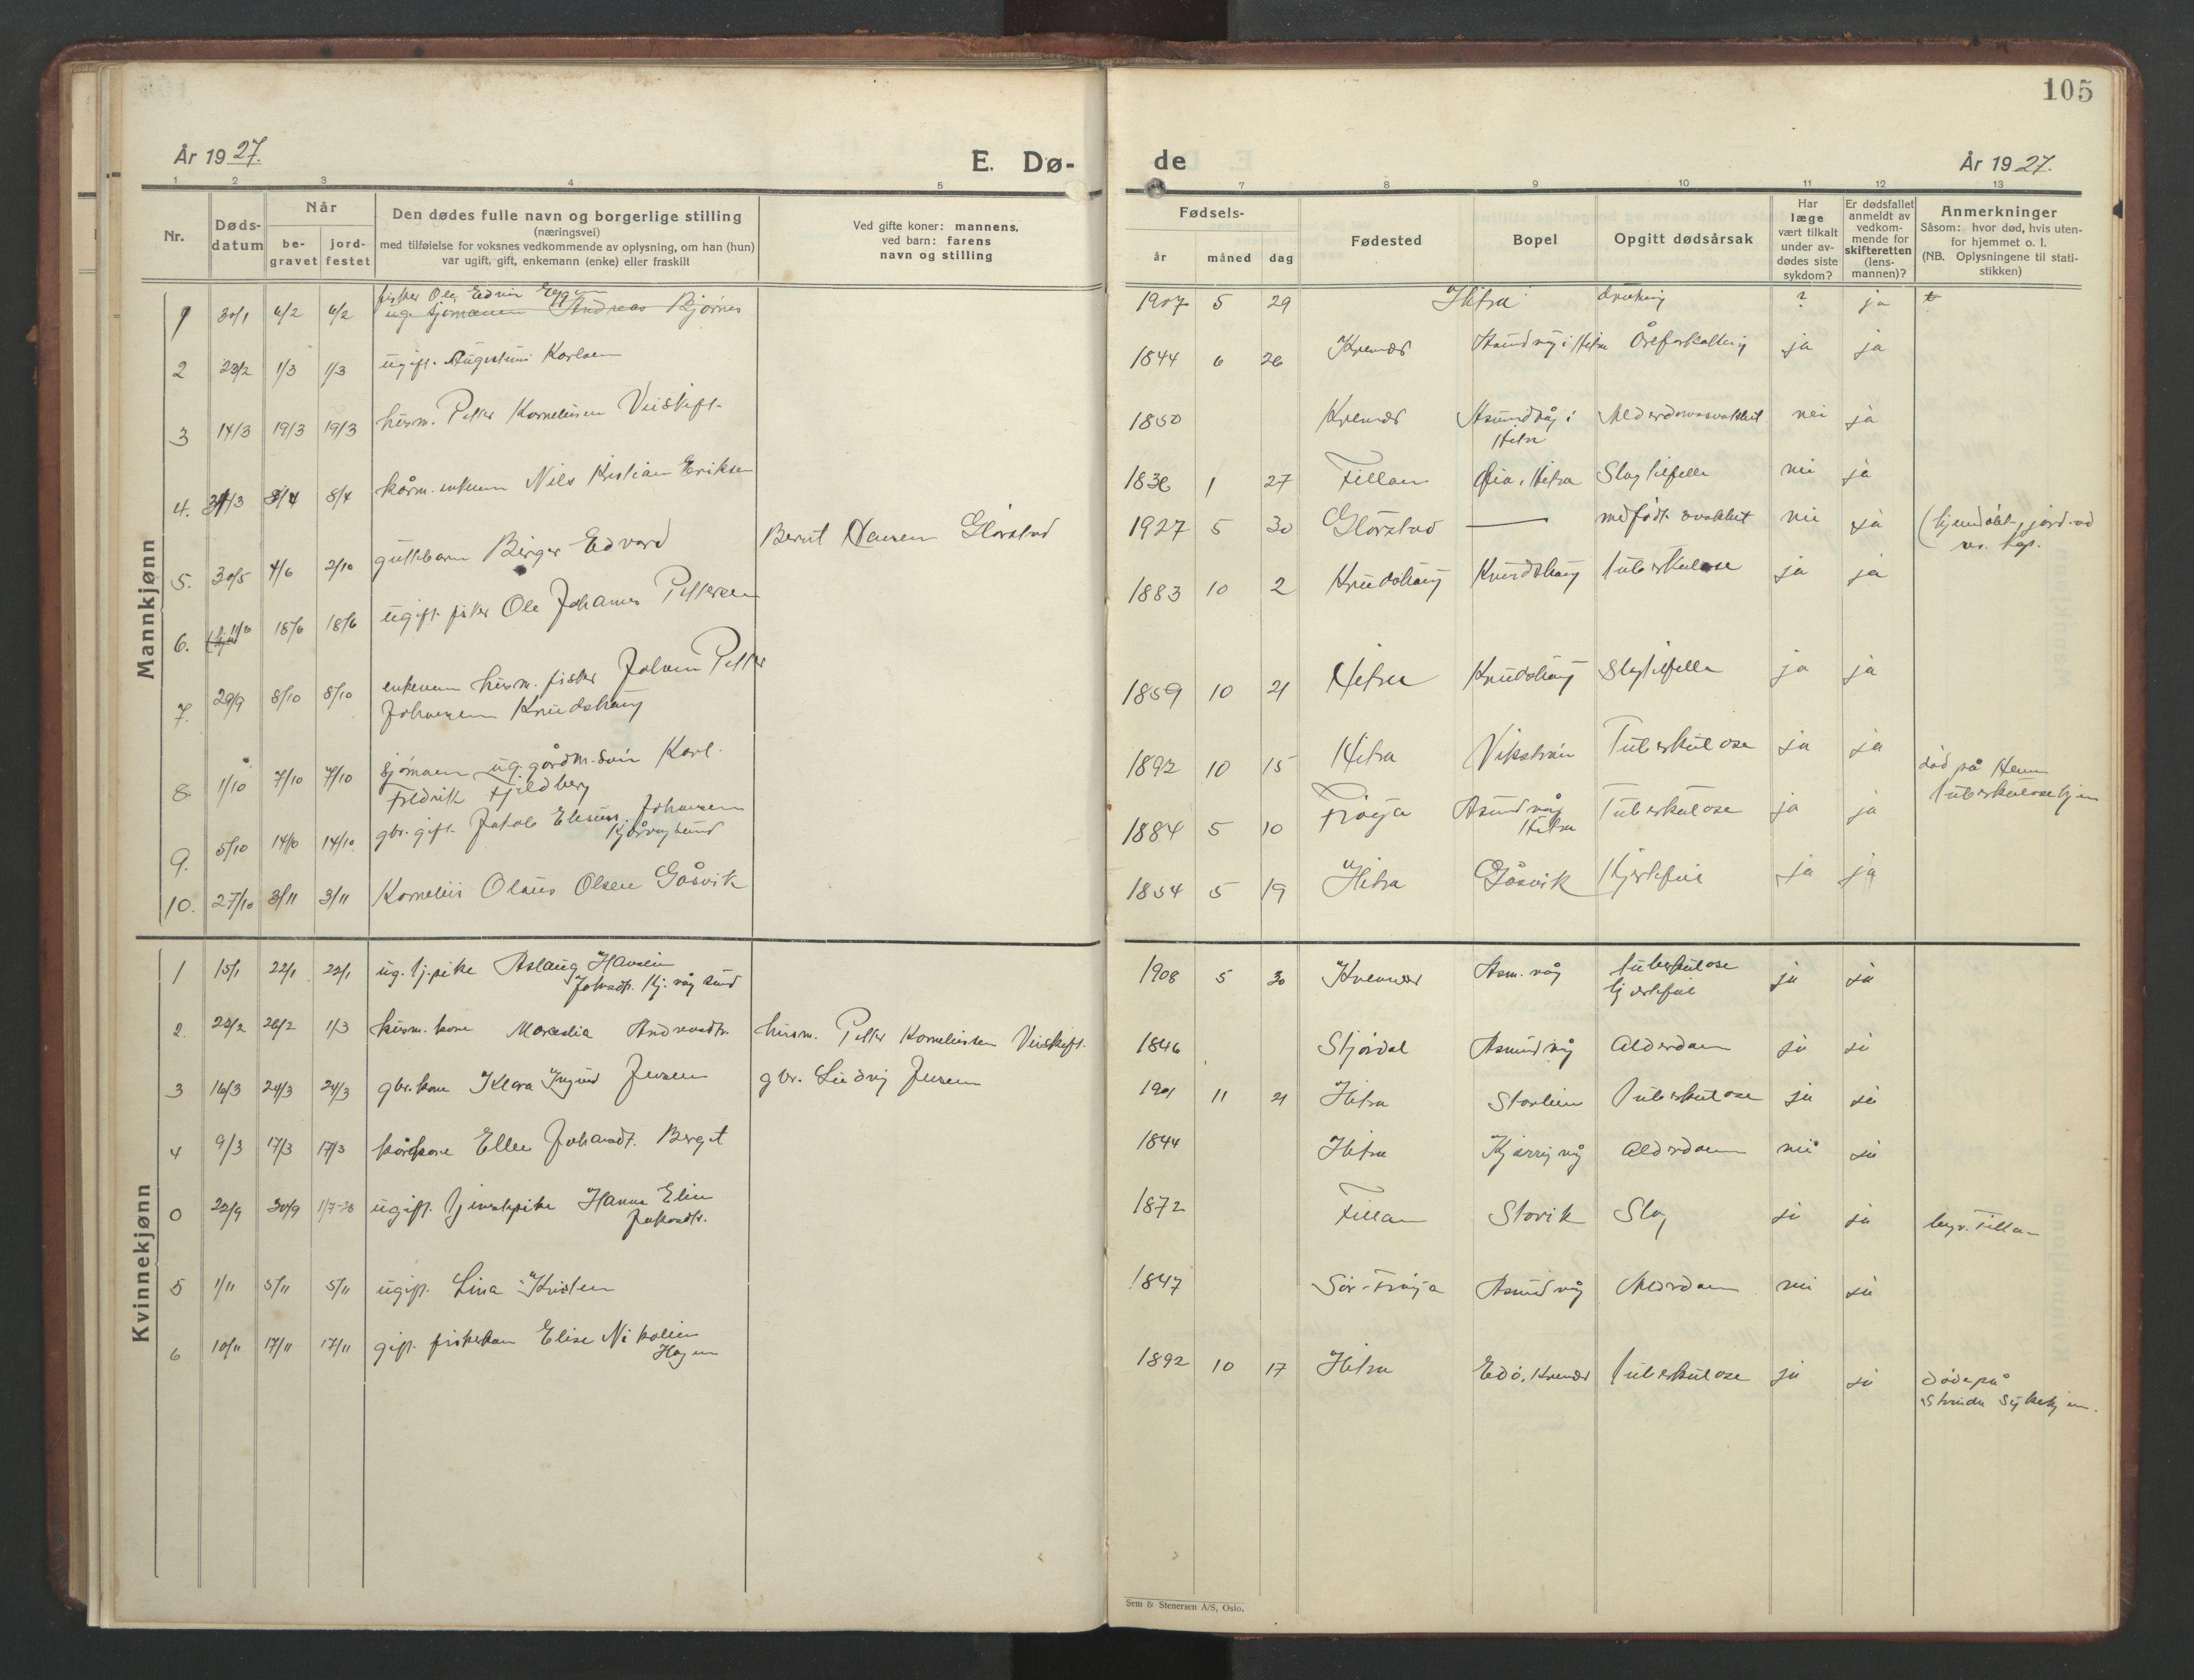 SAT, Ministerialprotokoller, klokkerbøker og fødselsregistre - Sør-Trøndelag, 634/L0544: Klokkerbok nr. 634C06, 1927-1948, s. 105